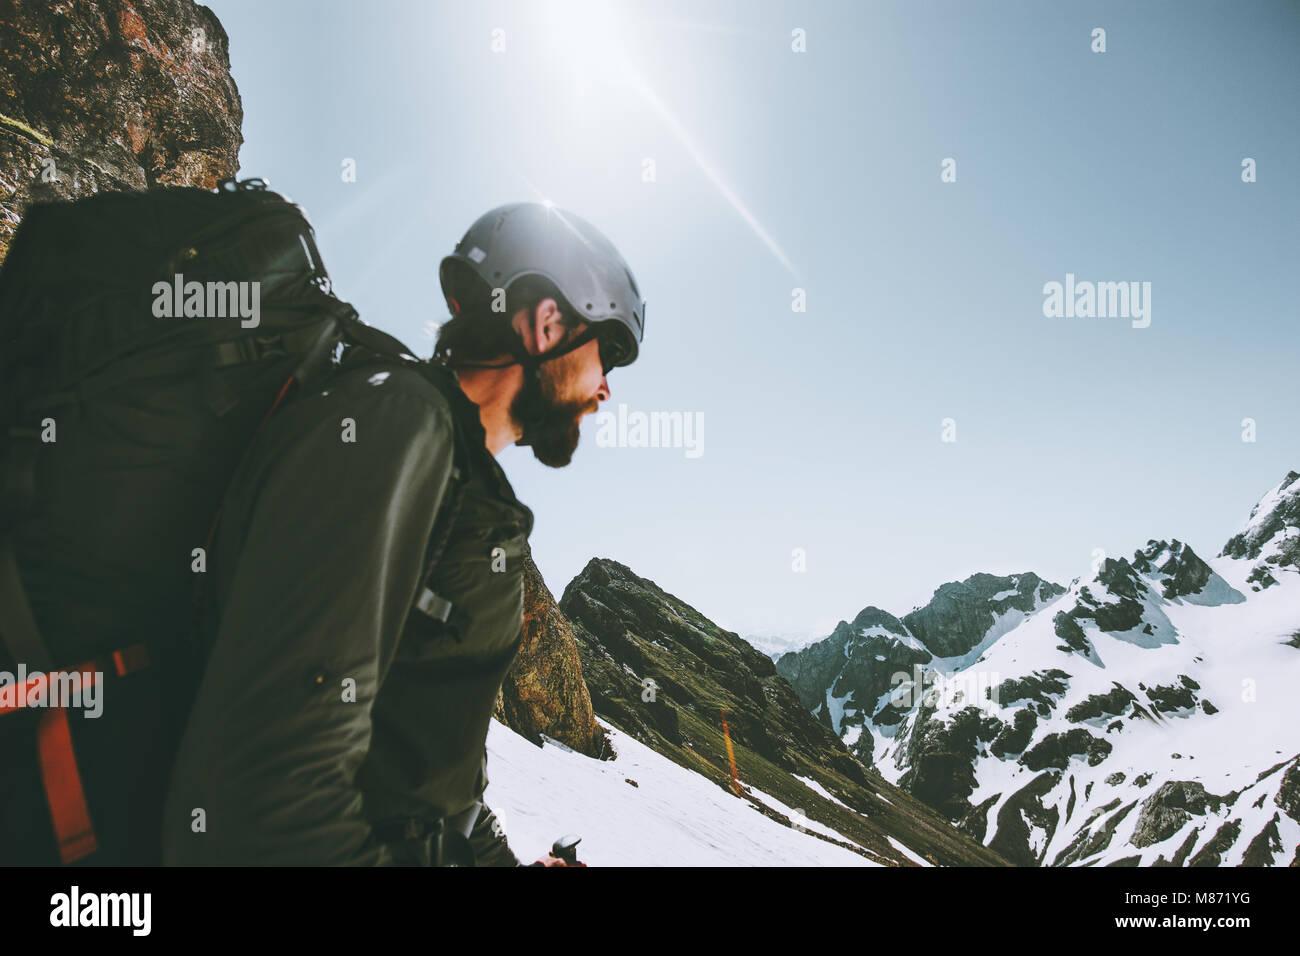 Hombre aventurero escalada en montaña top viajes de aventura al aire libre Concepto de estilo de vida activo Imagen De Stock